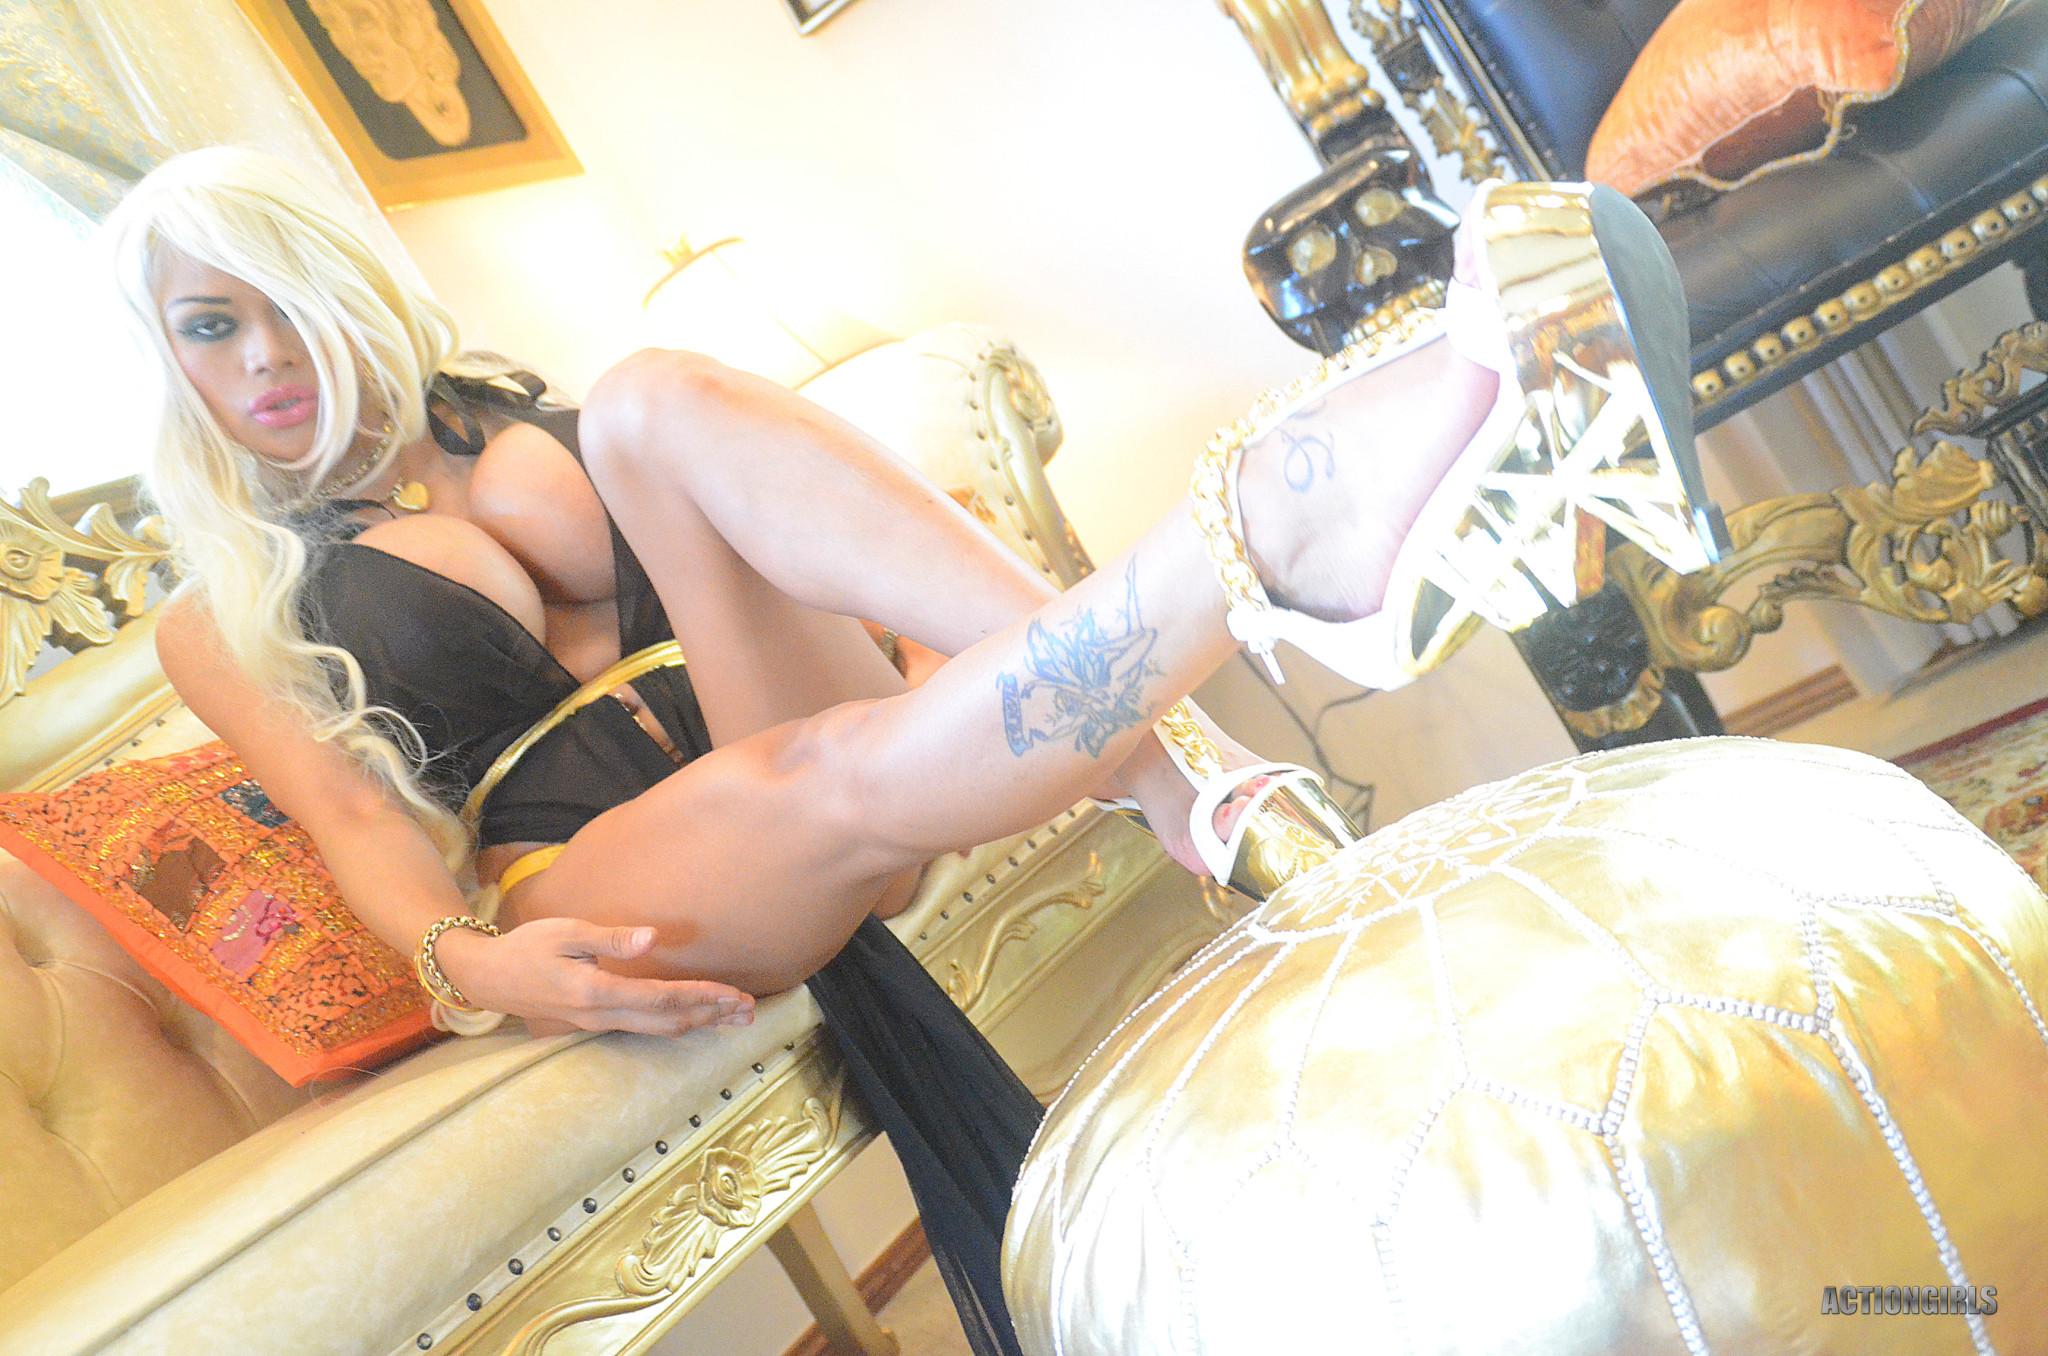 Арми Филд – соблазнительная блондинка с огромными силиконовыми буферами, которые она обнажает не сразу